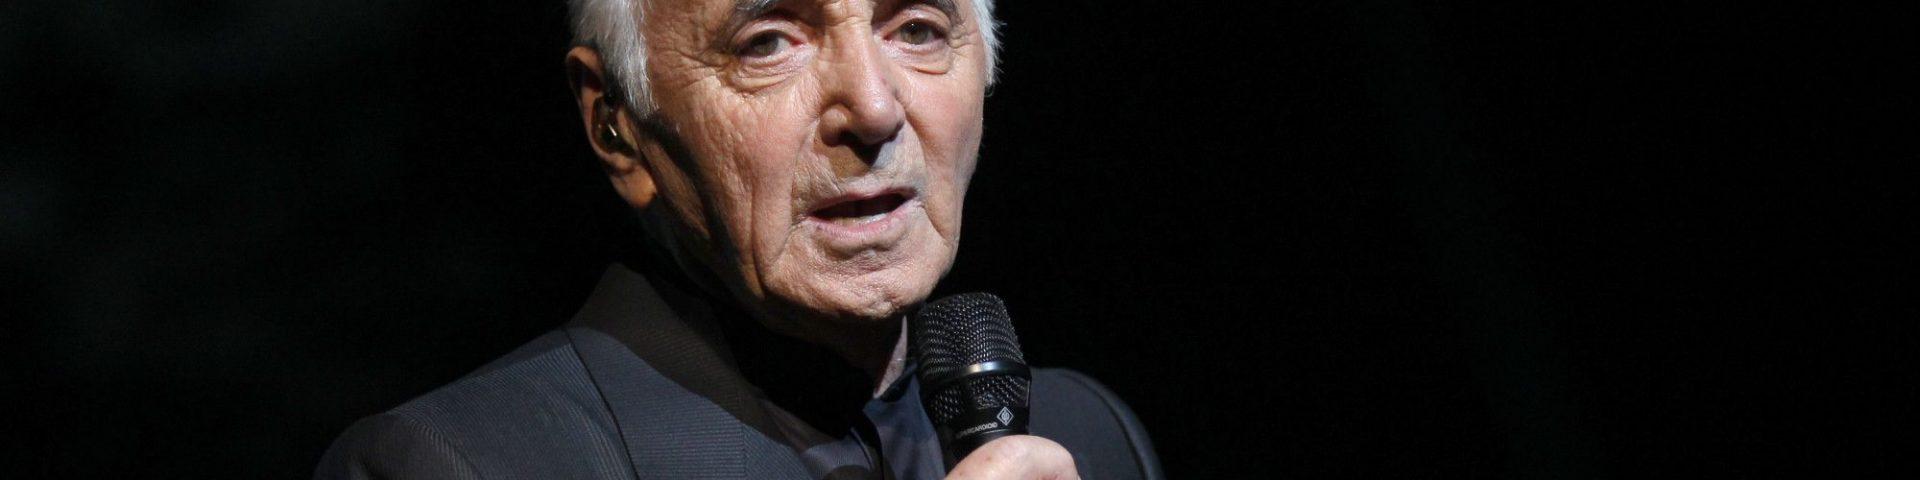 Morto Charles Aznavour, aveva 94 anni